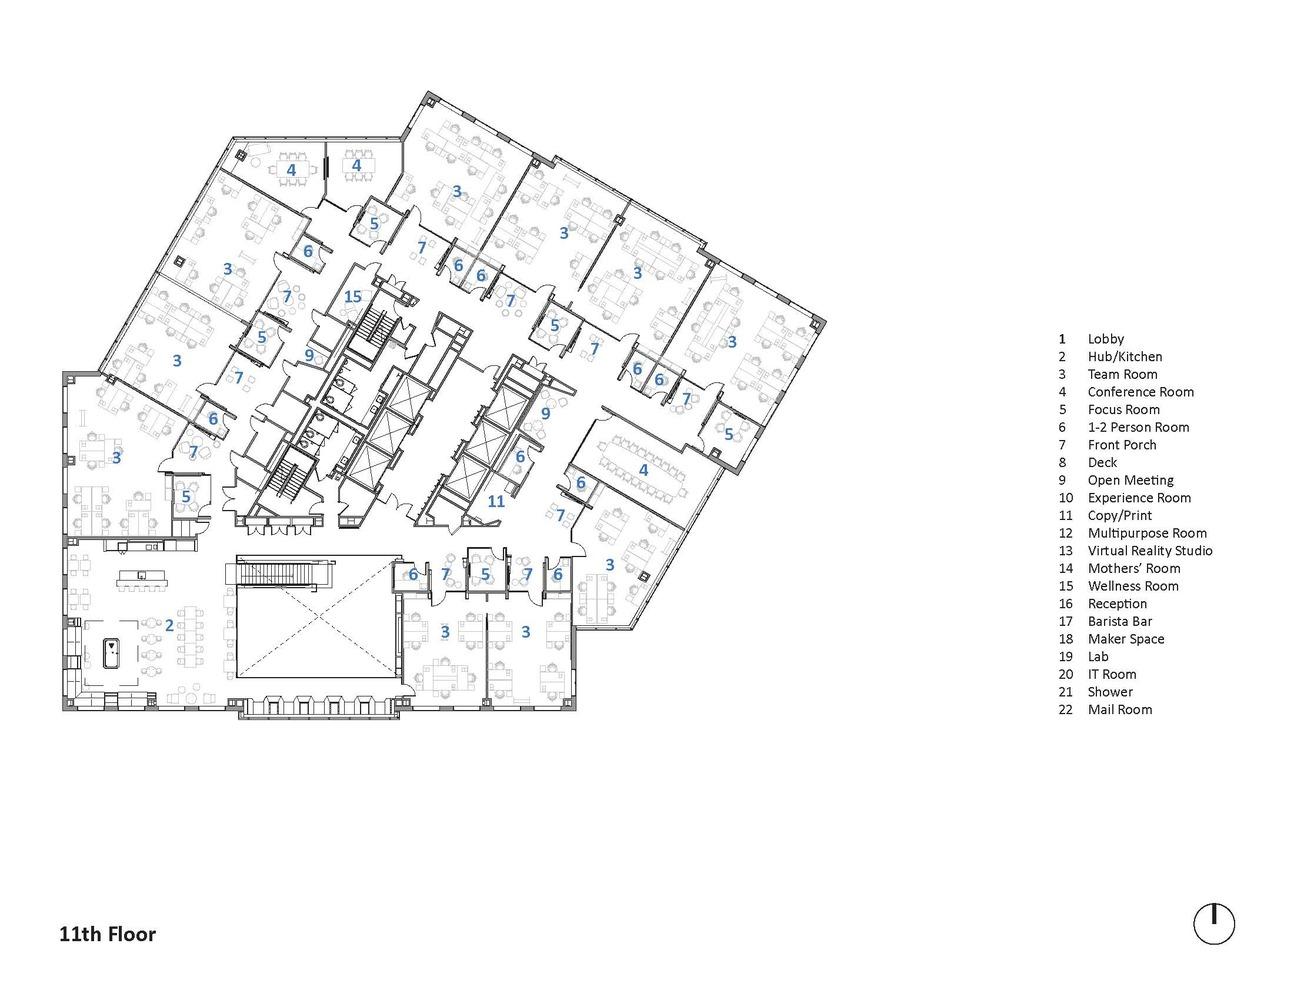 美国微软新英格兰研发中心办公空间设计